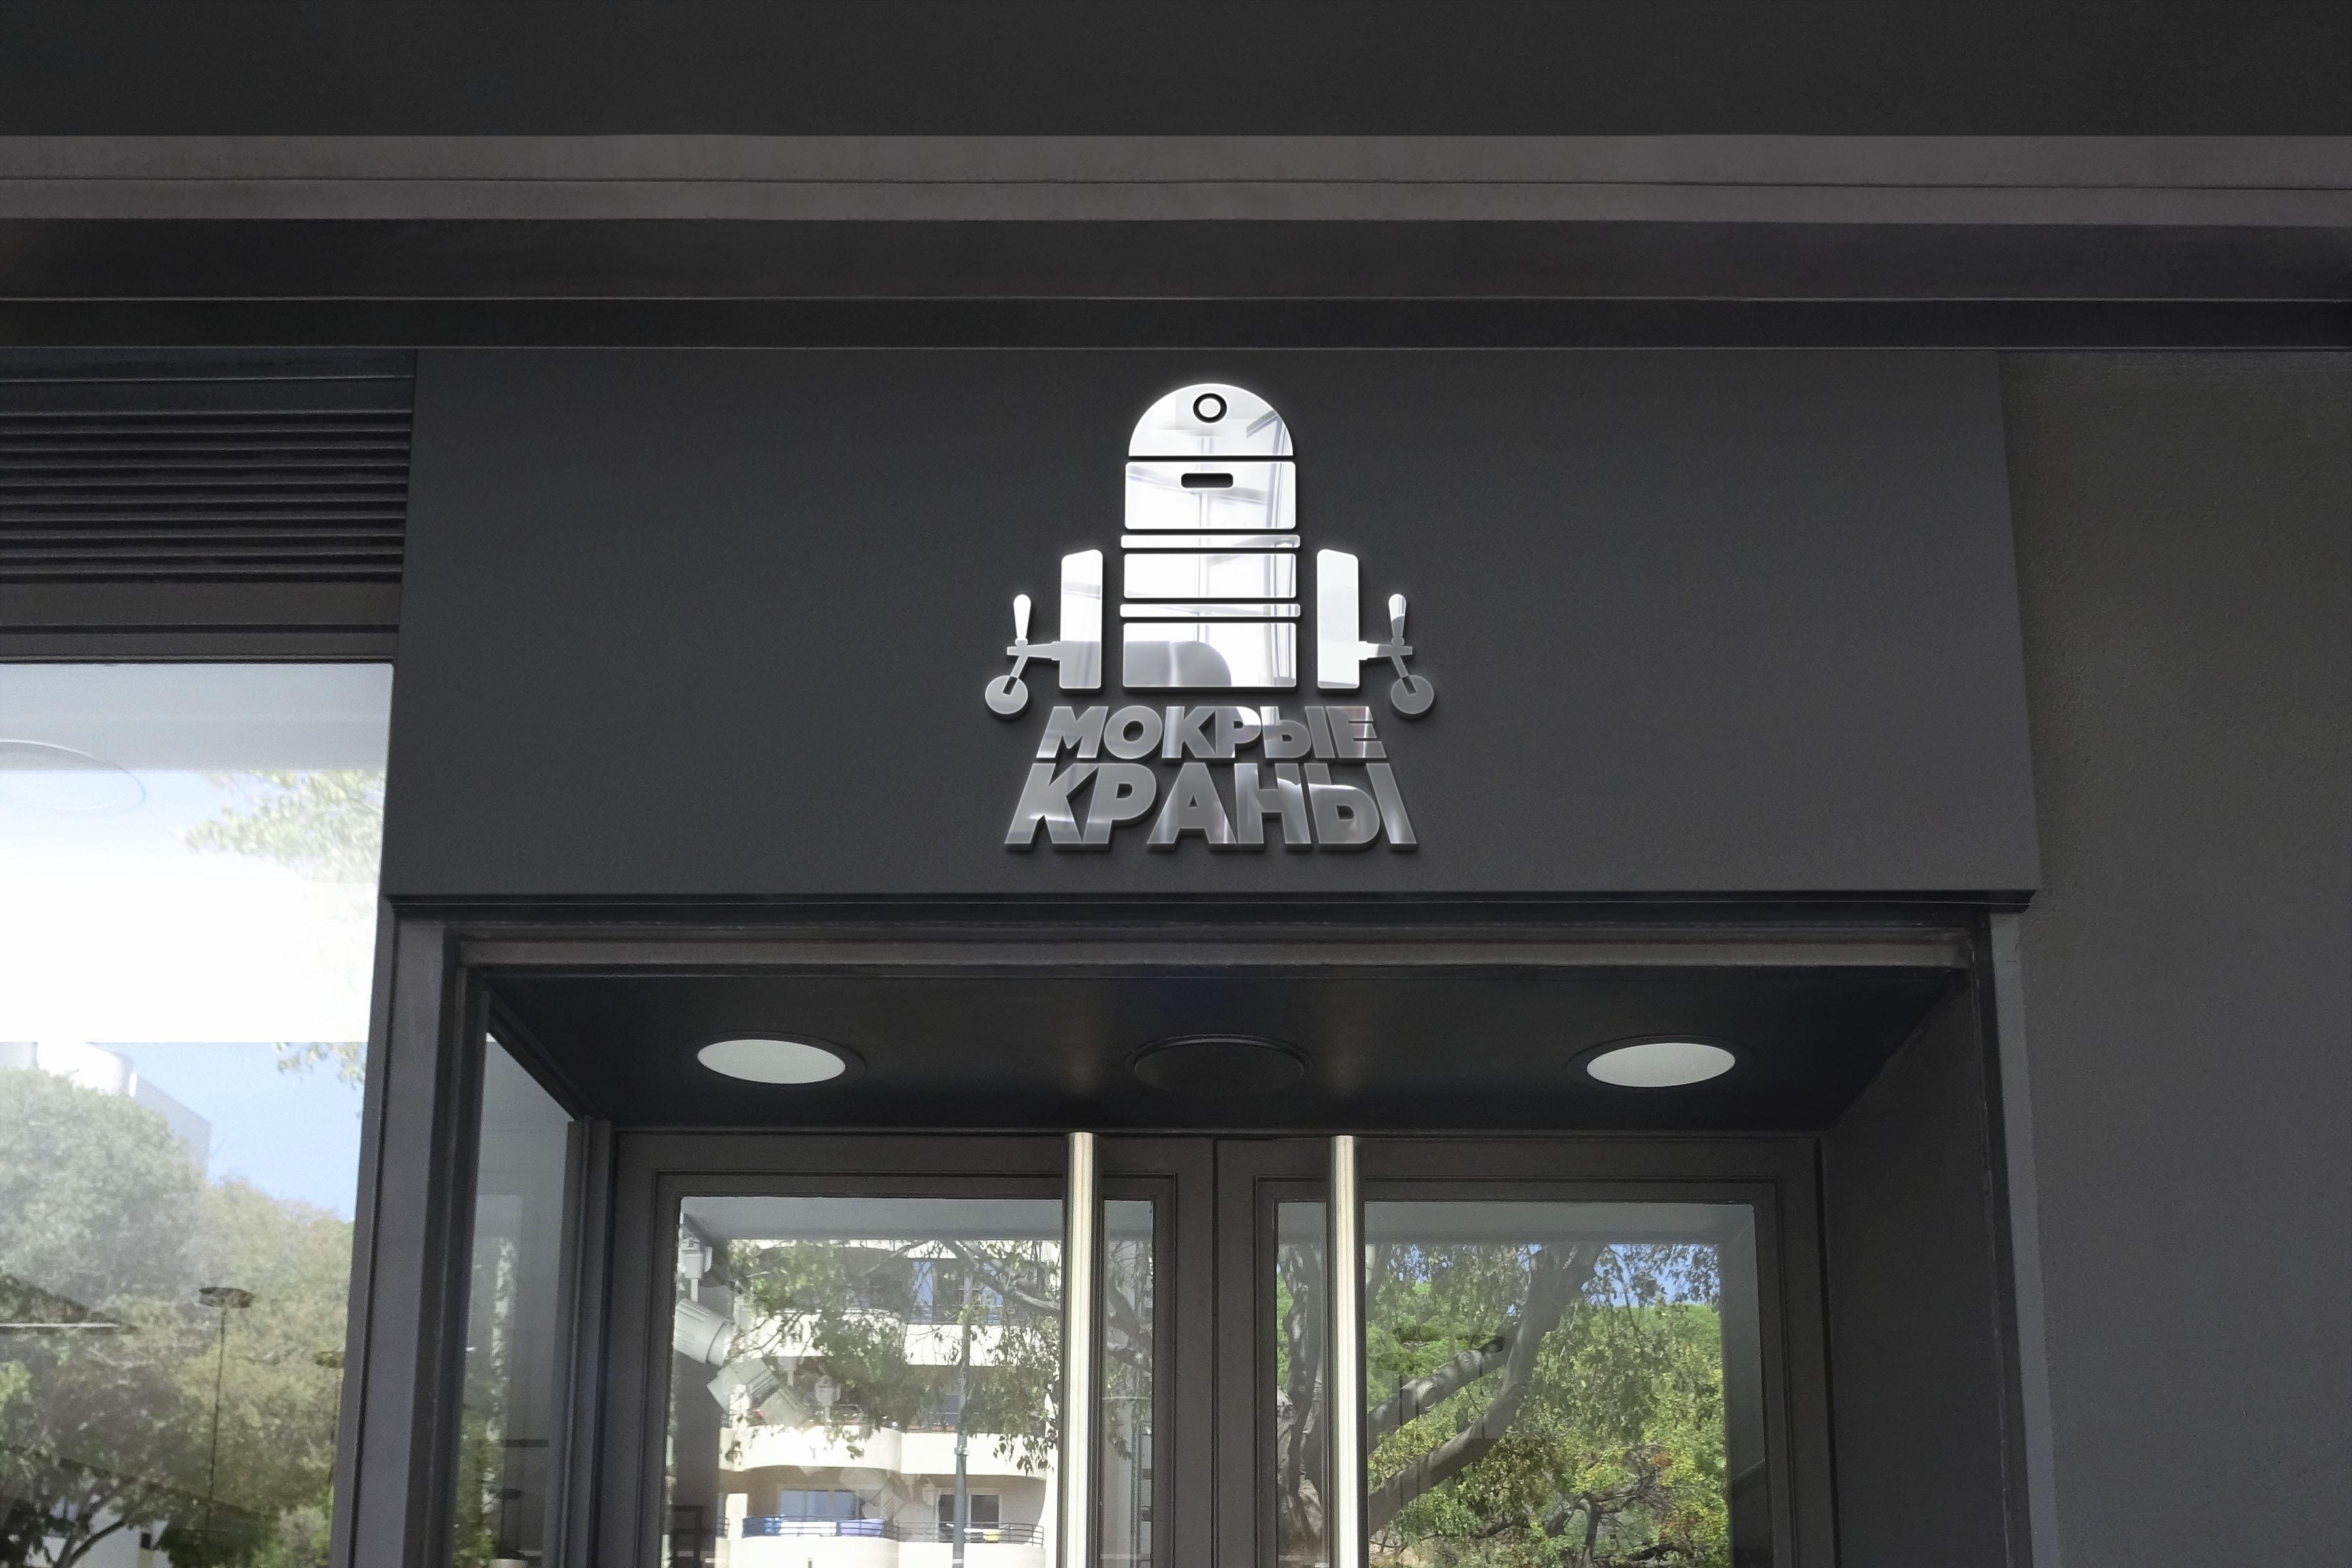 Вывеска/логотип для пивного магазина фото f_146602a0c7f301e7.jpg